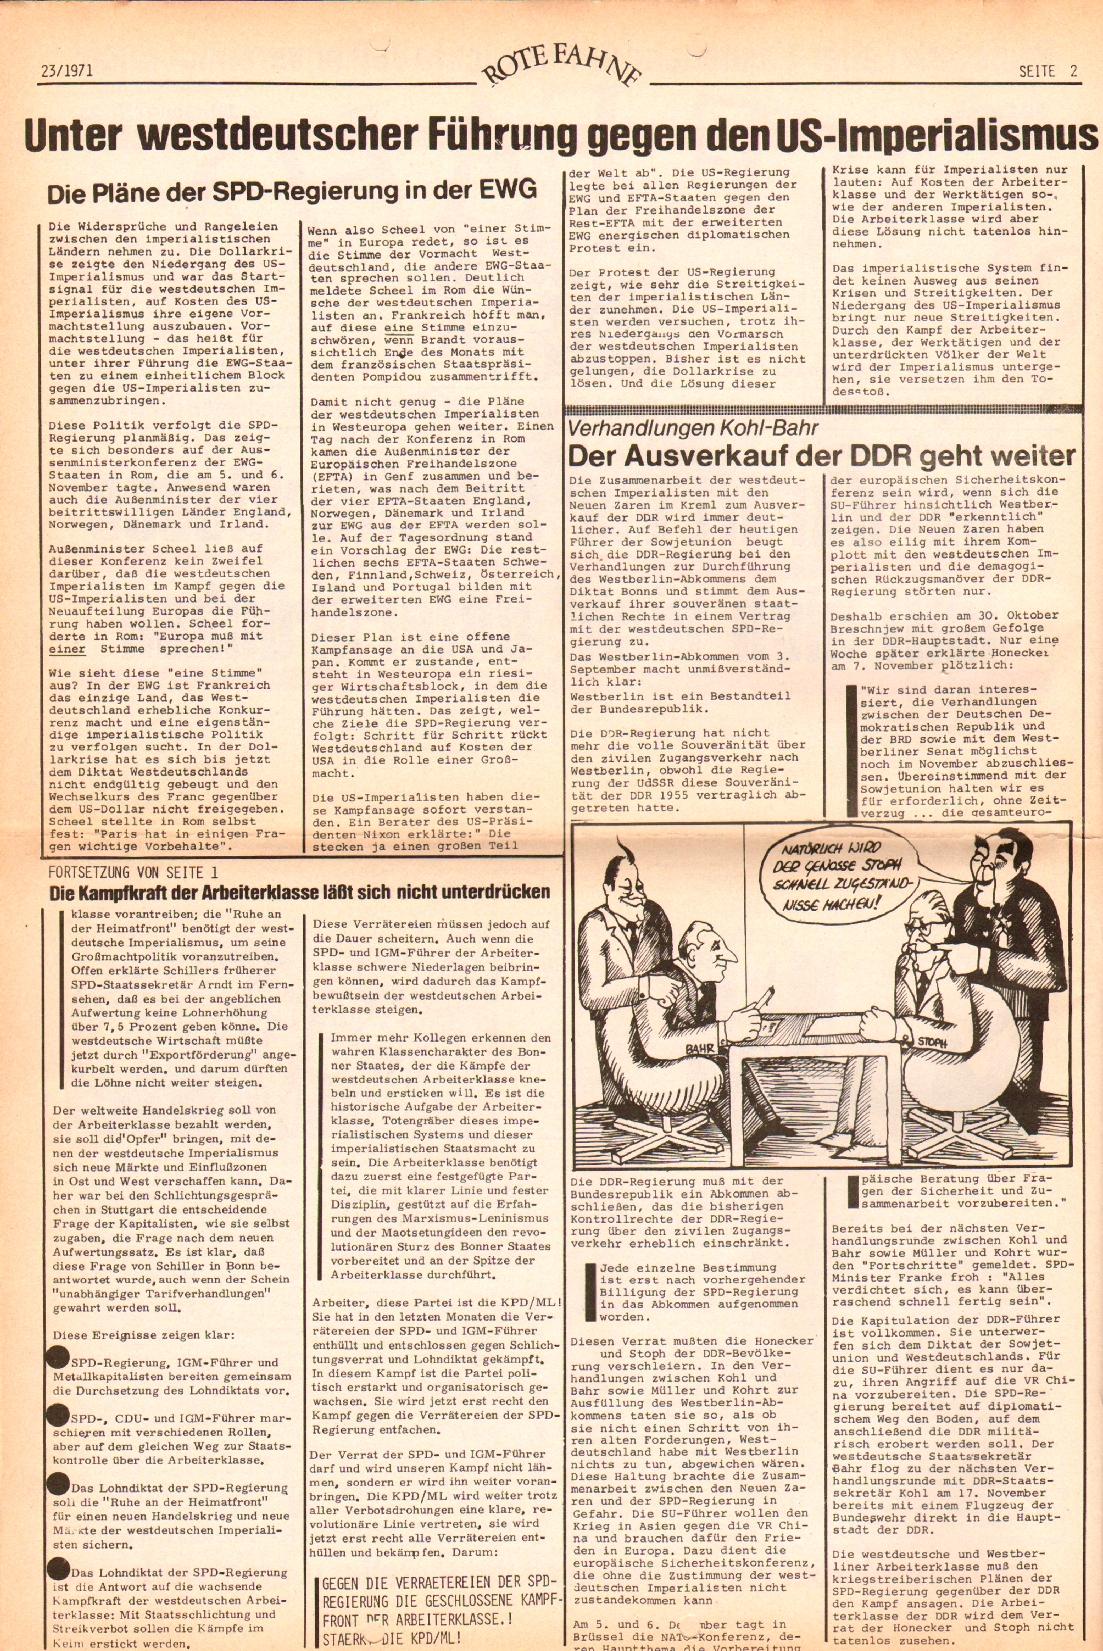 Rote Fahne, 2. Jg., 22.11.1971, Nr. 23, Seite 2